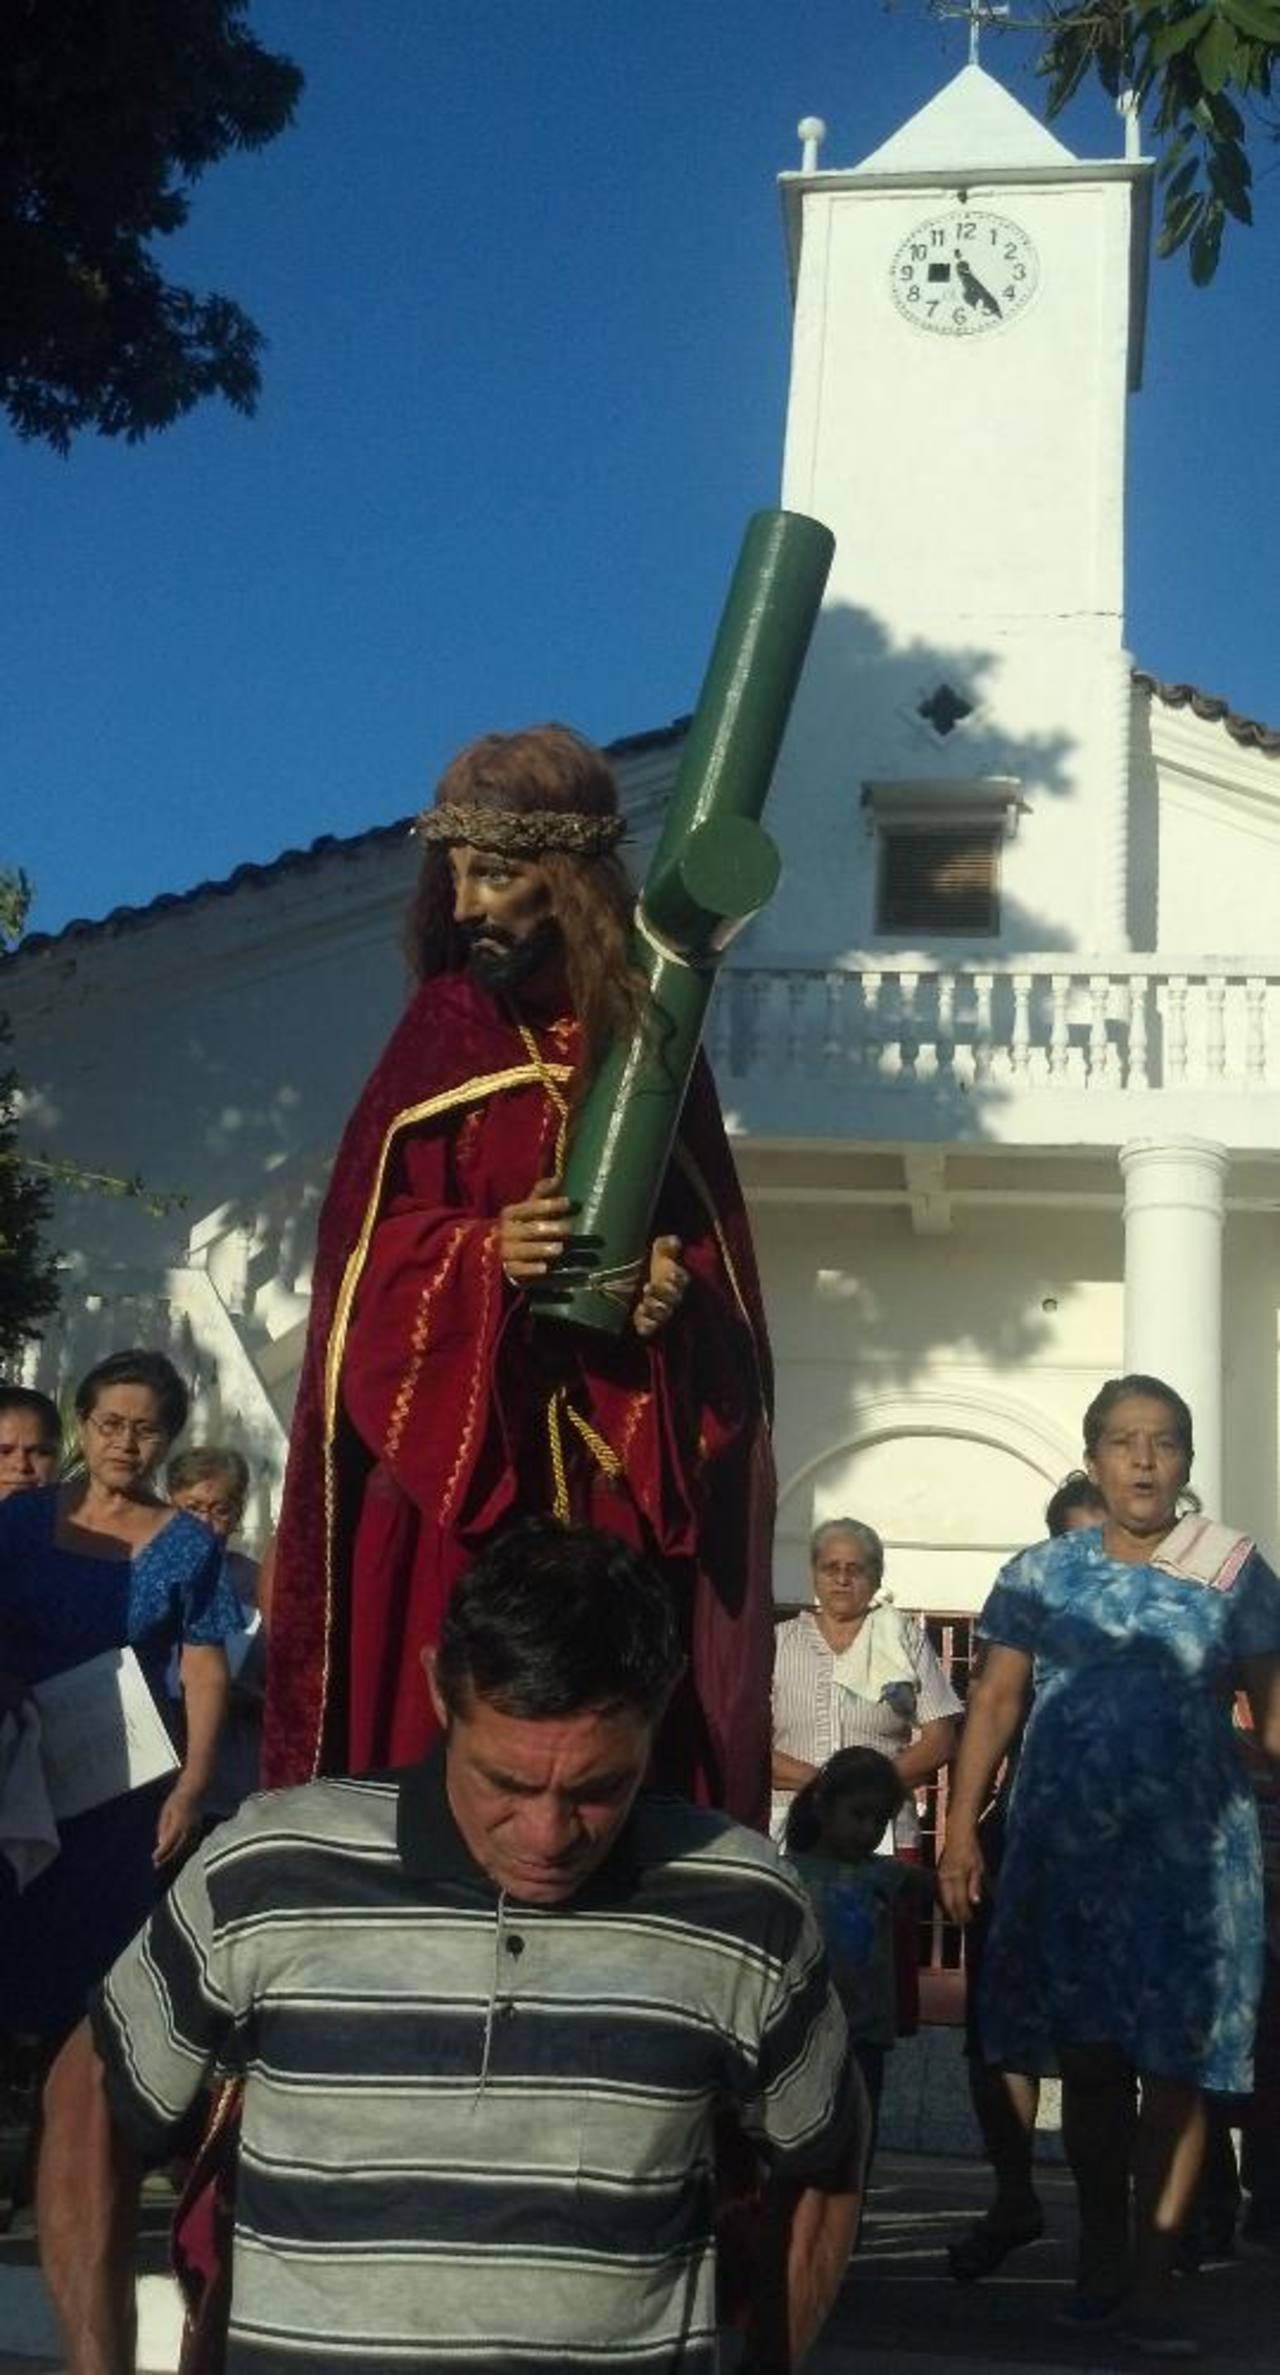 Feligreses a la hora de salir con la procesión de la iglesia de San Luis del Carmen. foto edh / Maynor Ruiz